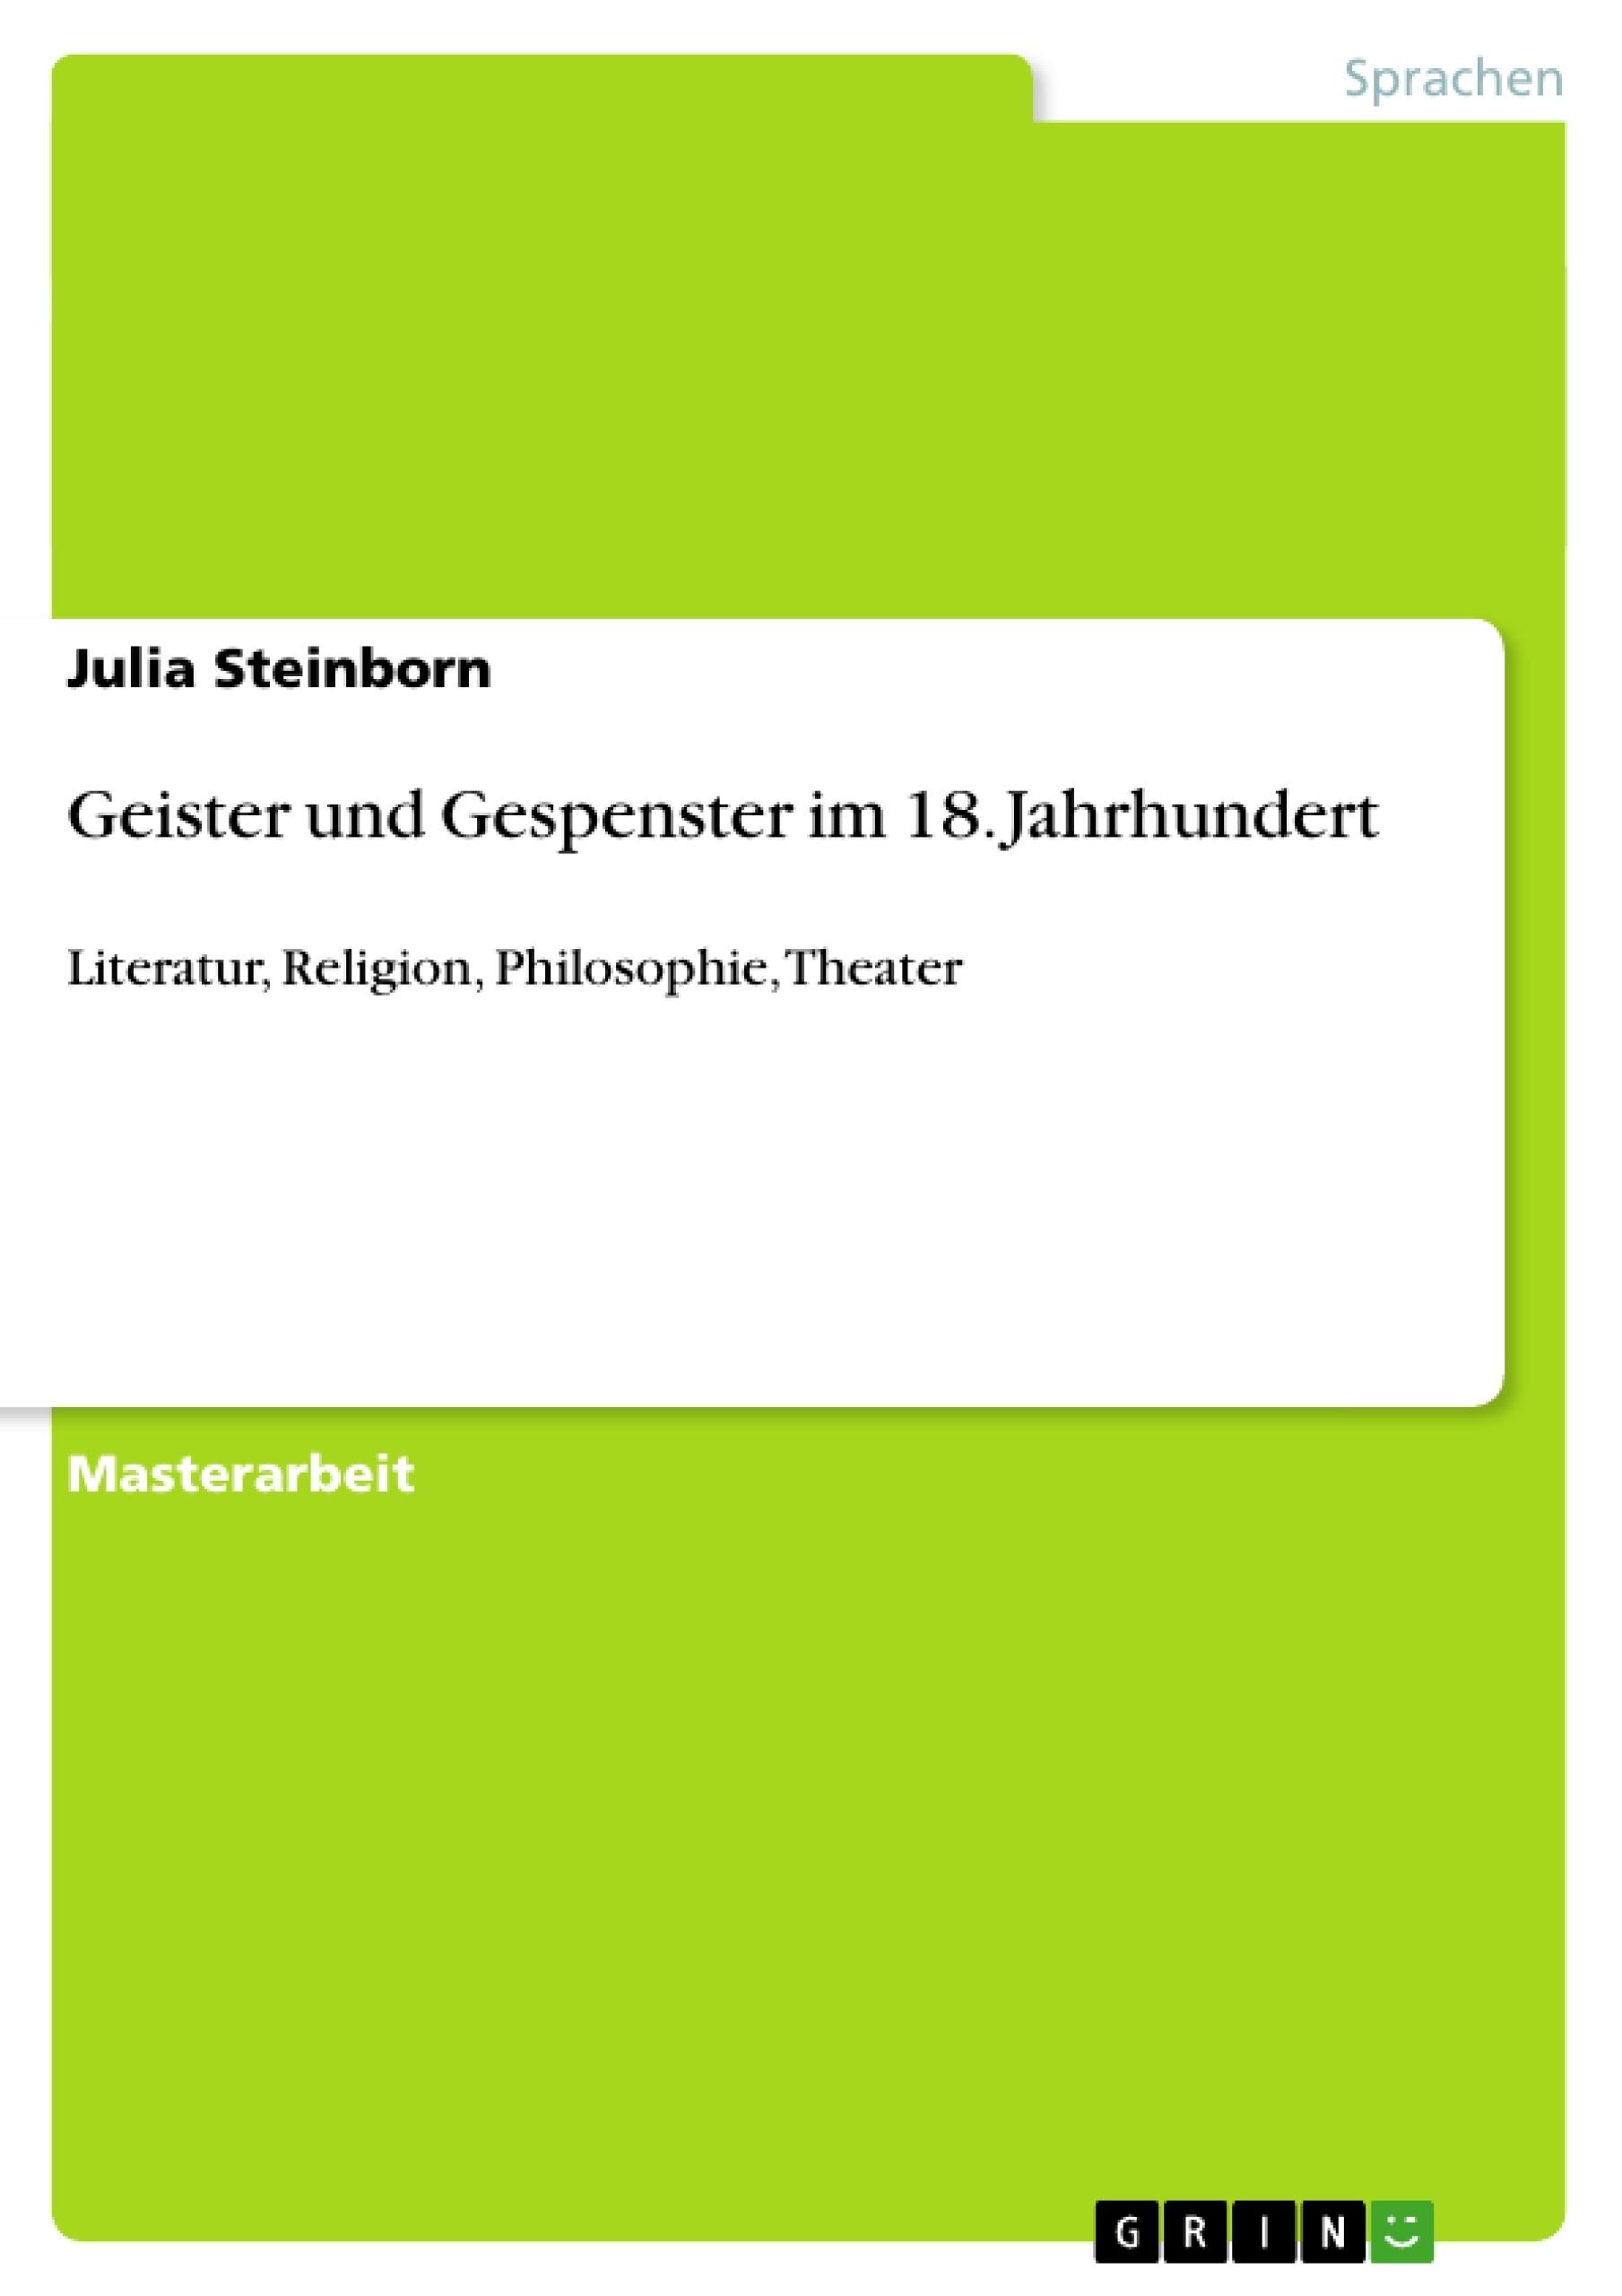 Titel: Geister und Gespenster im 18. Jahrhundert